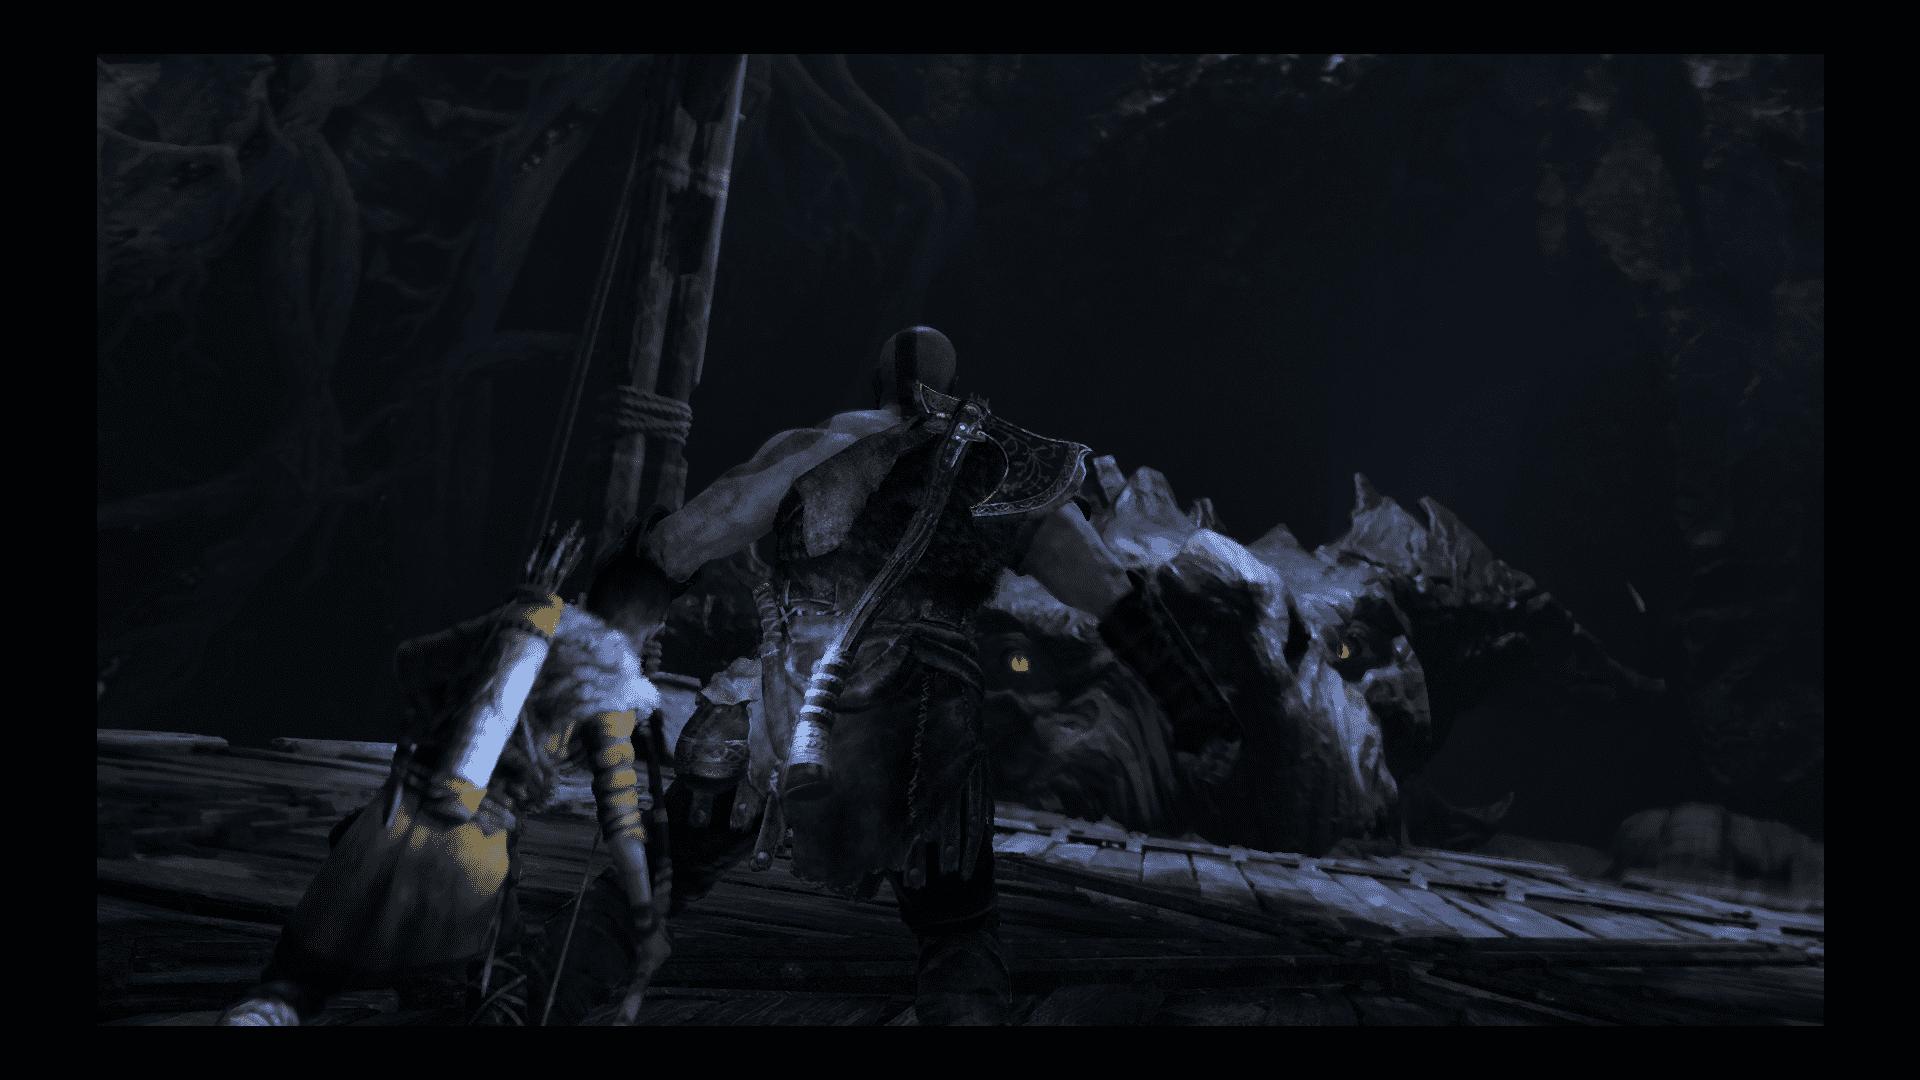 """God of War - recenzja gry gry-i-aplikacje recenzja gry God of War, PS4, God of War na PS4, God of War  """"Znajomość"""" z Kratosem rozpocząłem za czasów grania w dwie pierwsze odsłony God of War na PlayStation 2. Potem udało mi się ograć dwie edycje na PSP, zwieńczenie trylogii, ale odpuściłem wydane na siłę Wstąpienie. God of War 20180511194616"""